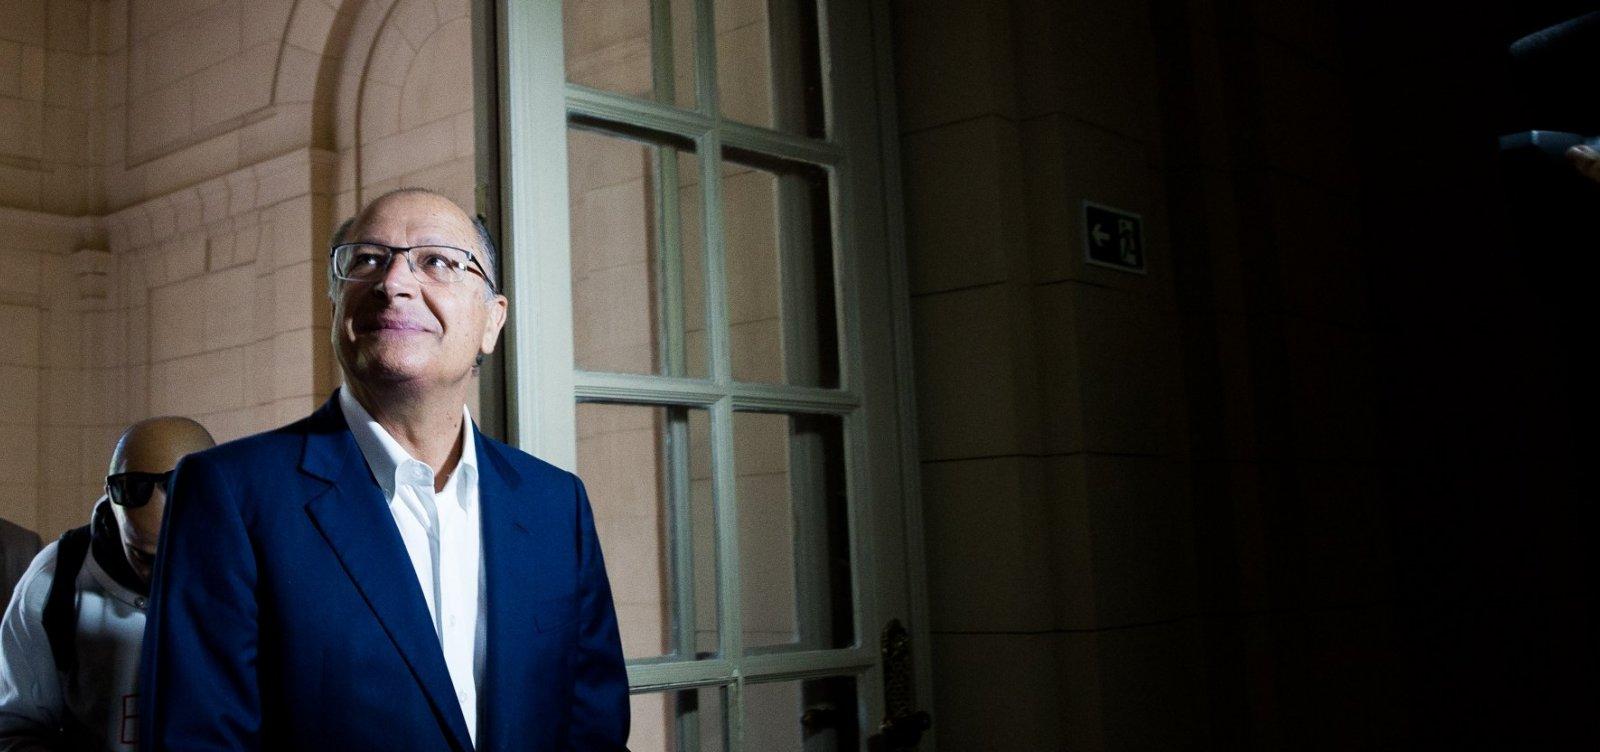 Juiz põe sigilo em ação contra Alckmin